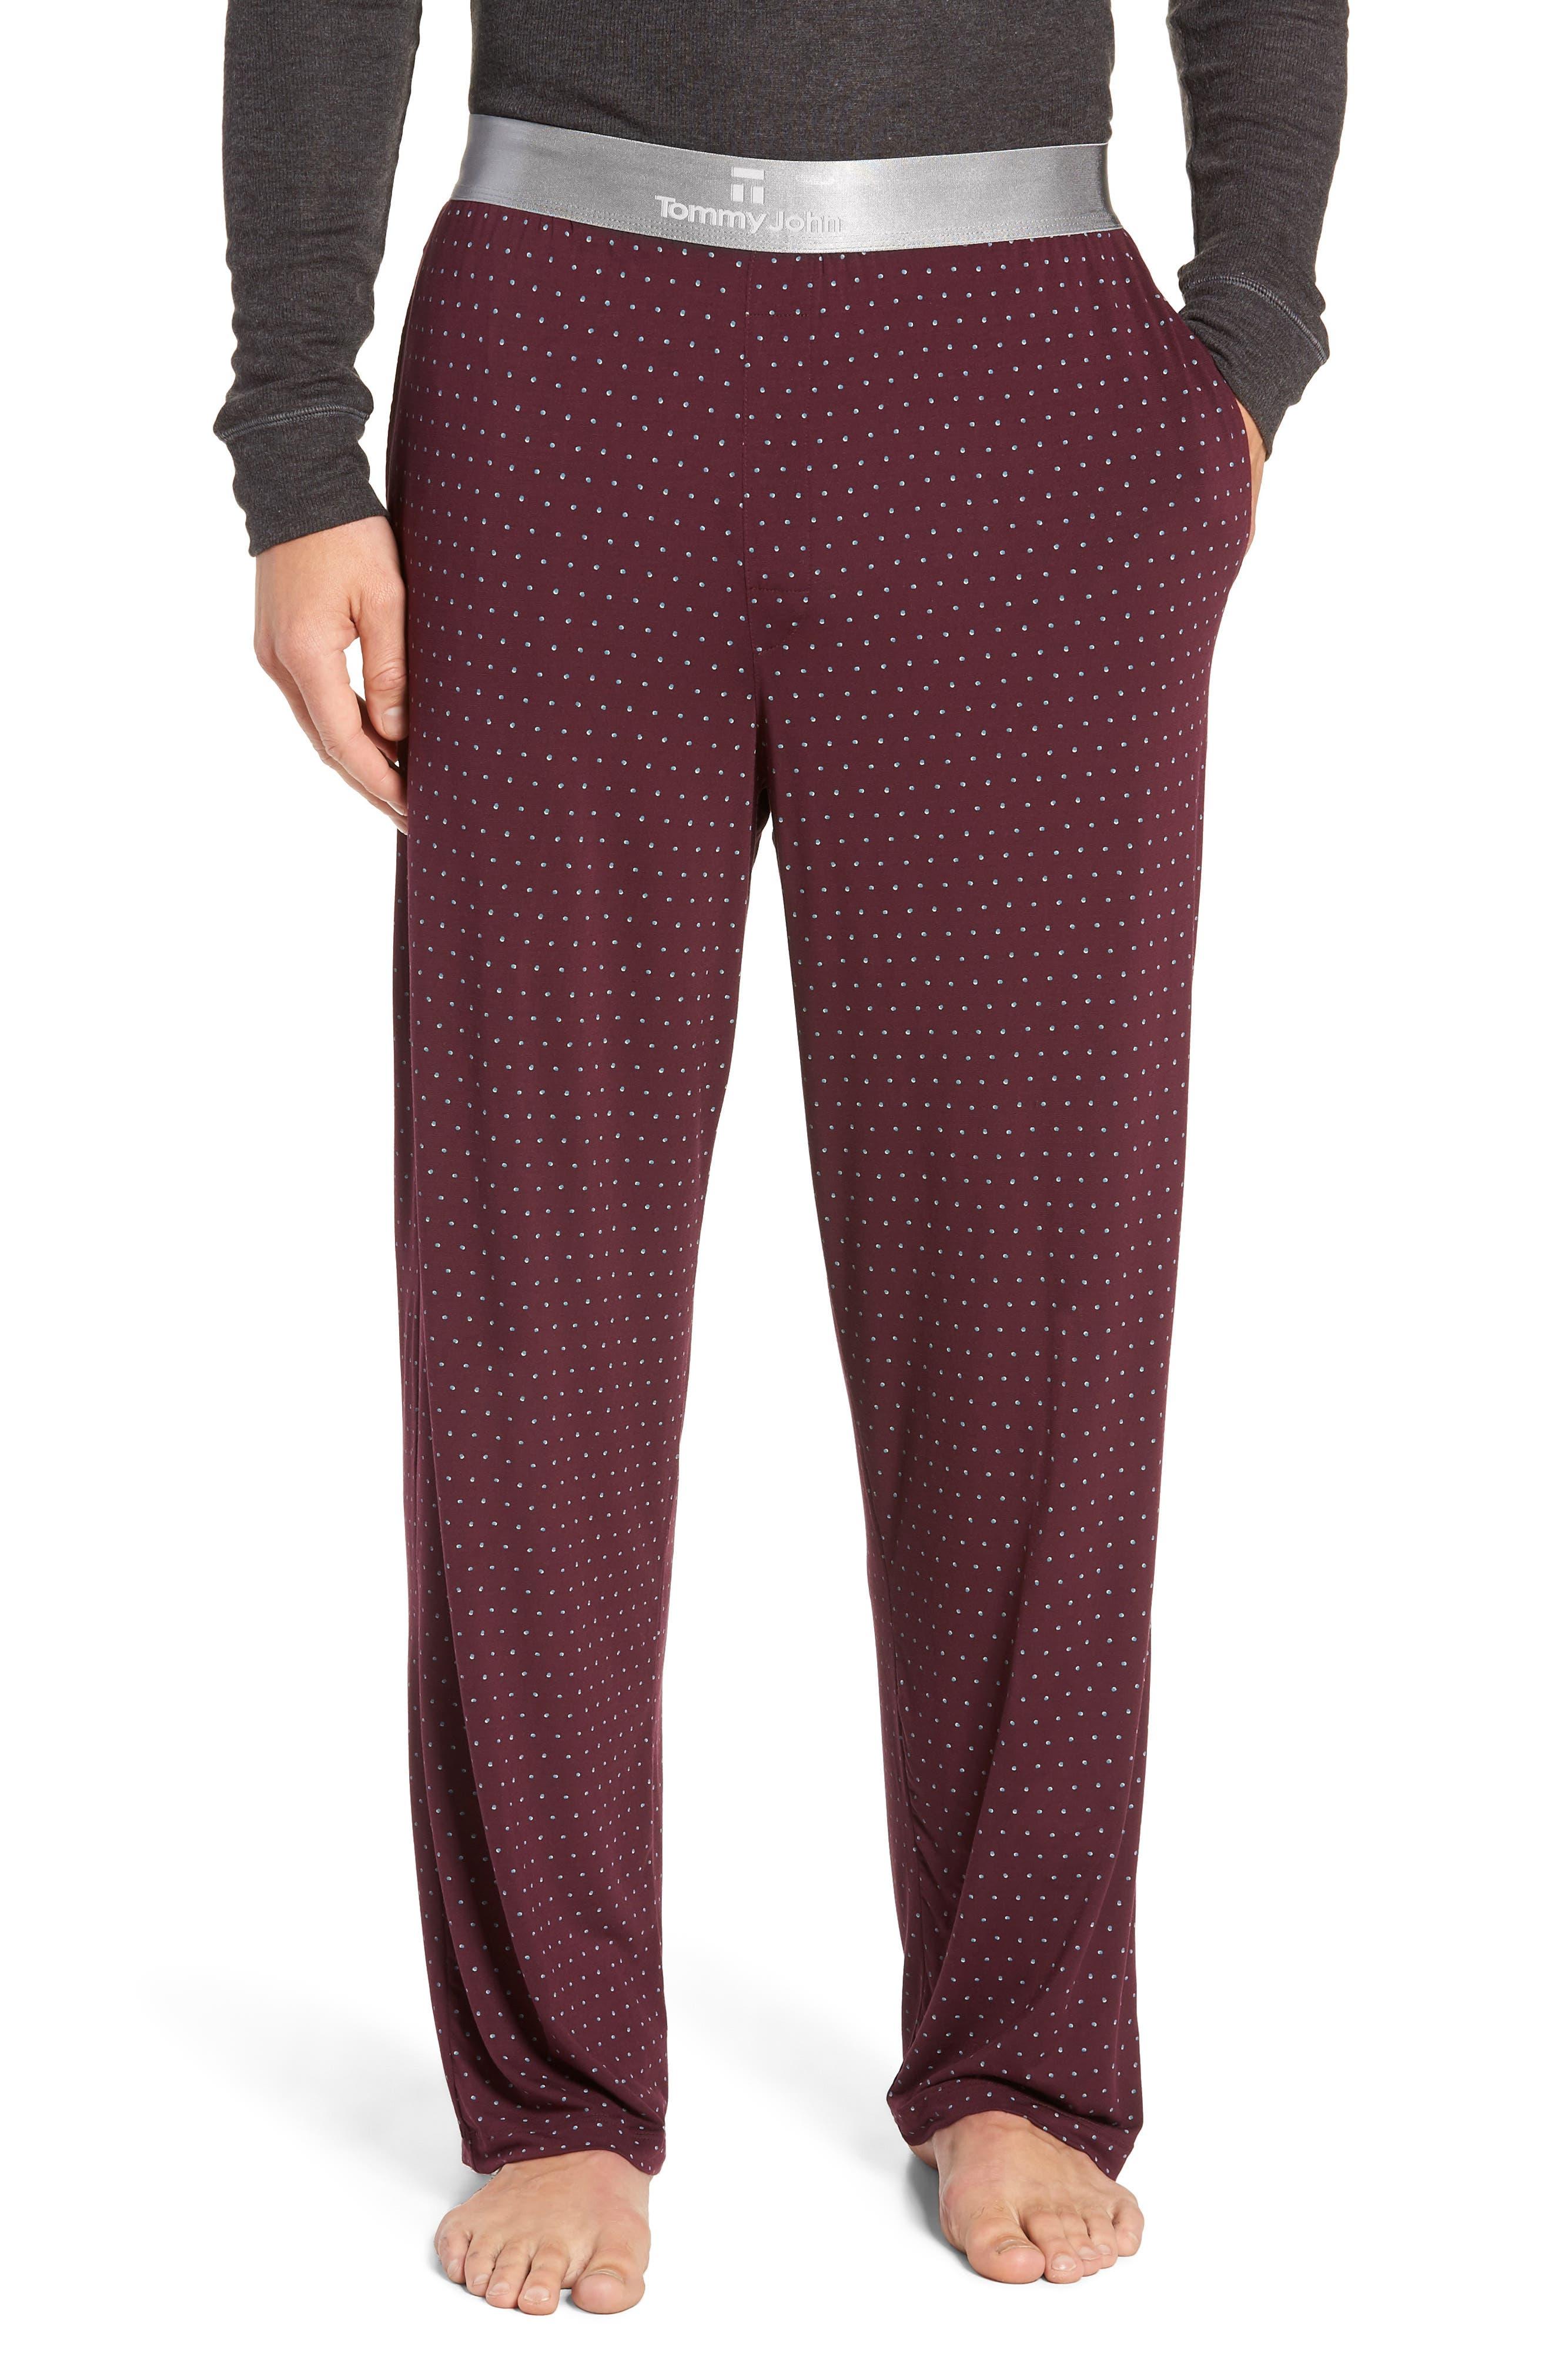 4b7e0d73e5b1 Men s Tommy John Pajamas  Lounge   Pajamas